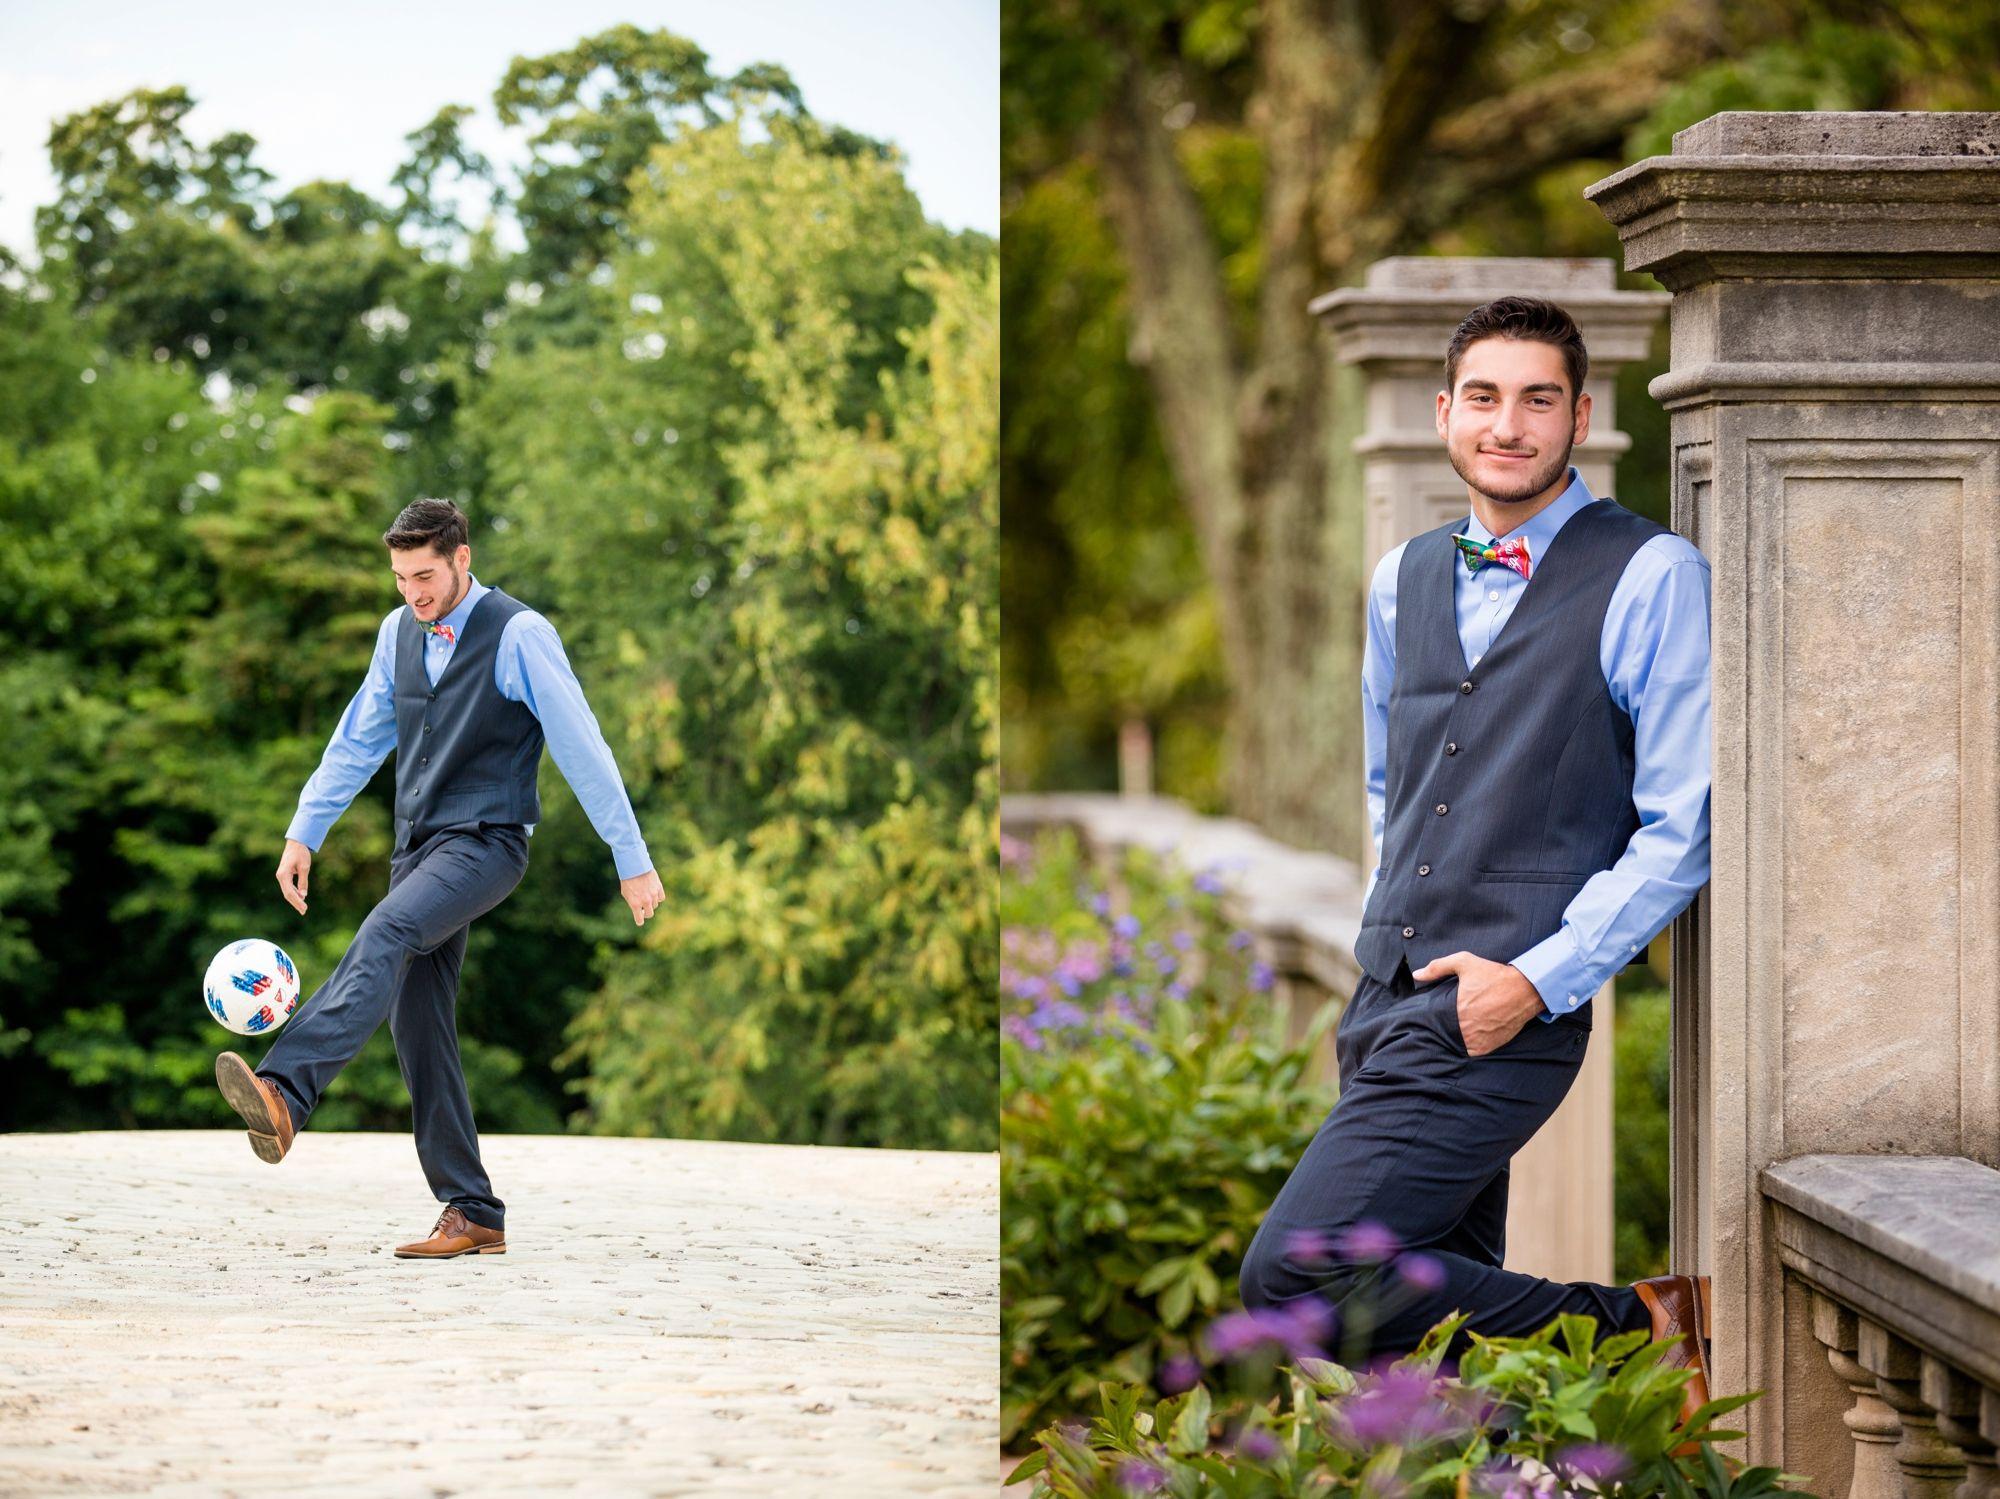 Jacob C Hartwood Acres Senior Photos Senior Photos Senior Guys